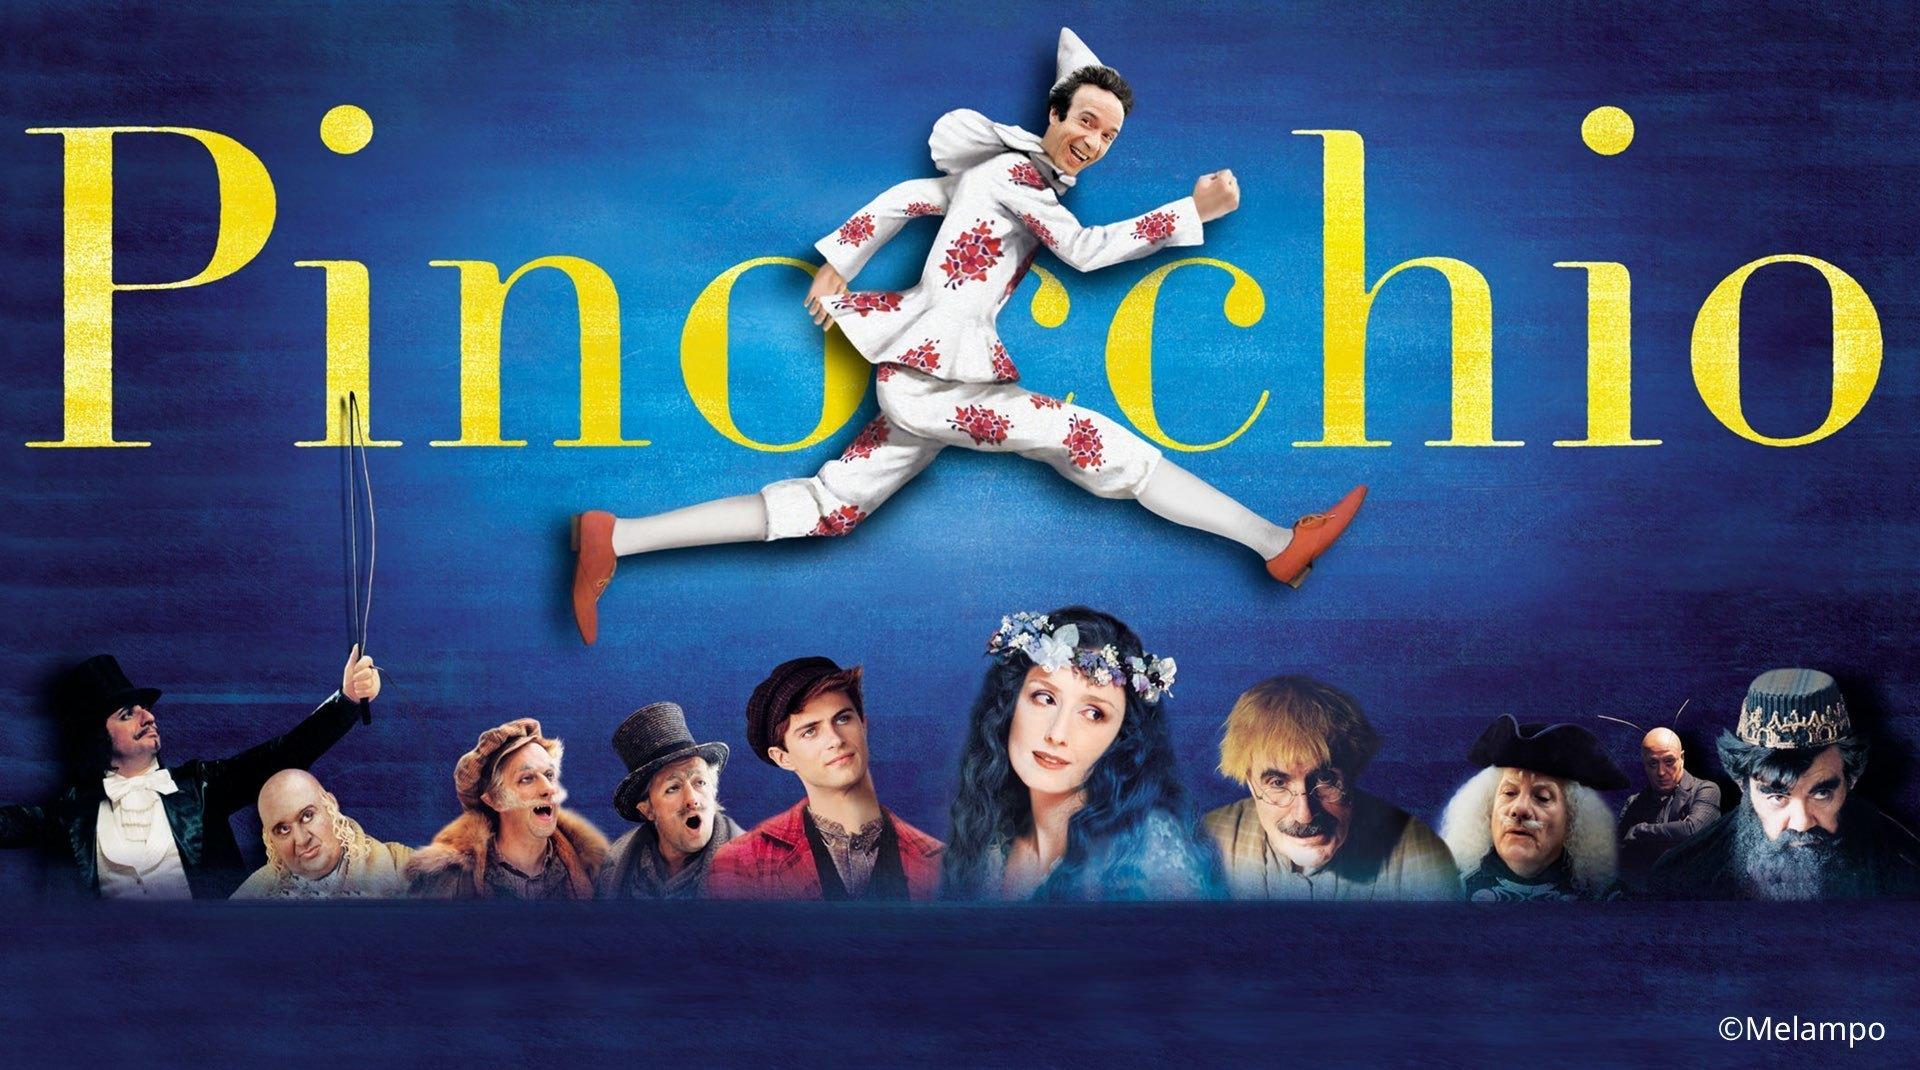 una scena tratta dal film Pinocchio di Roberto Benigni